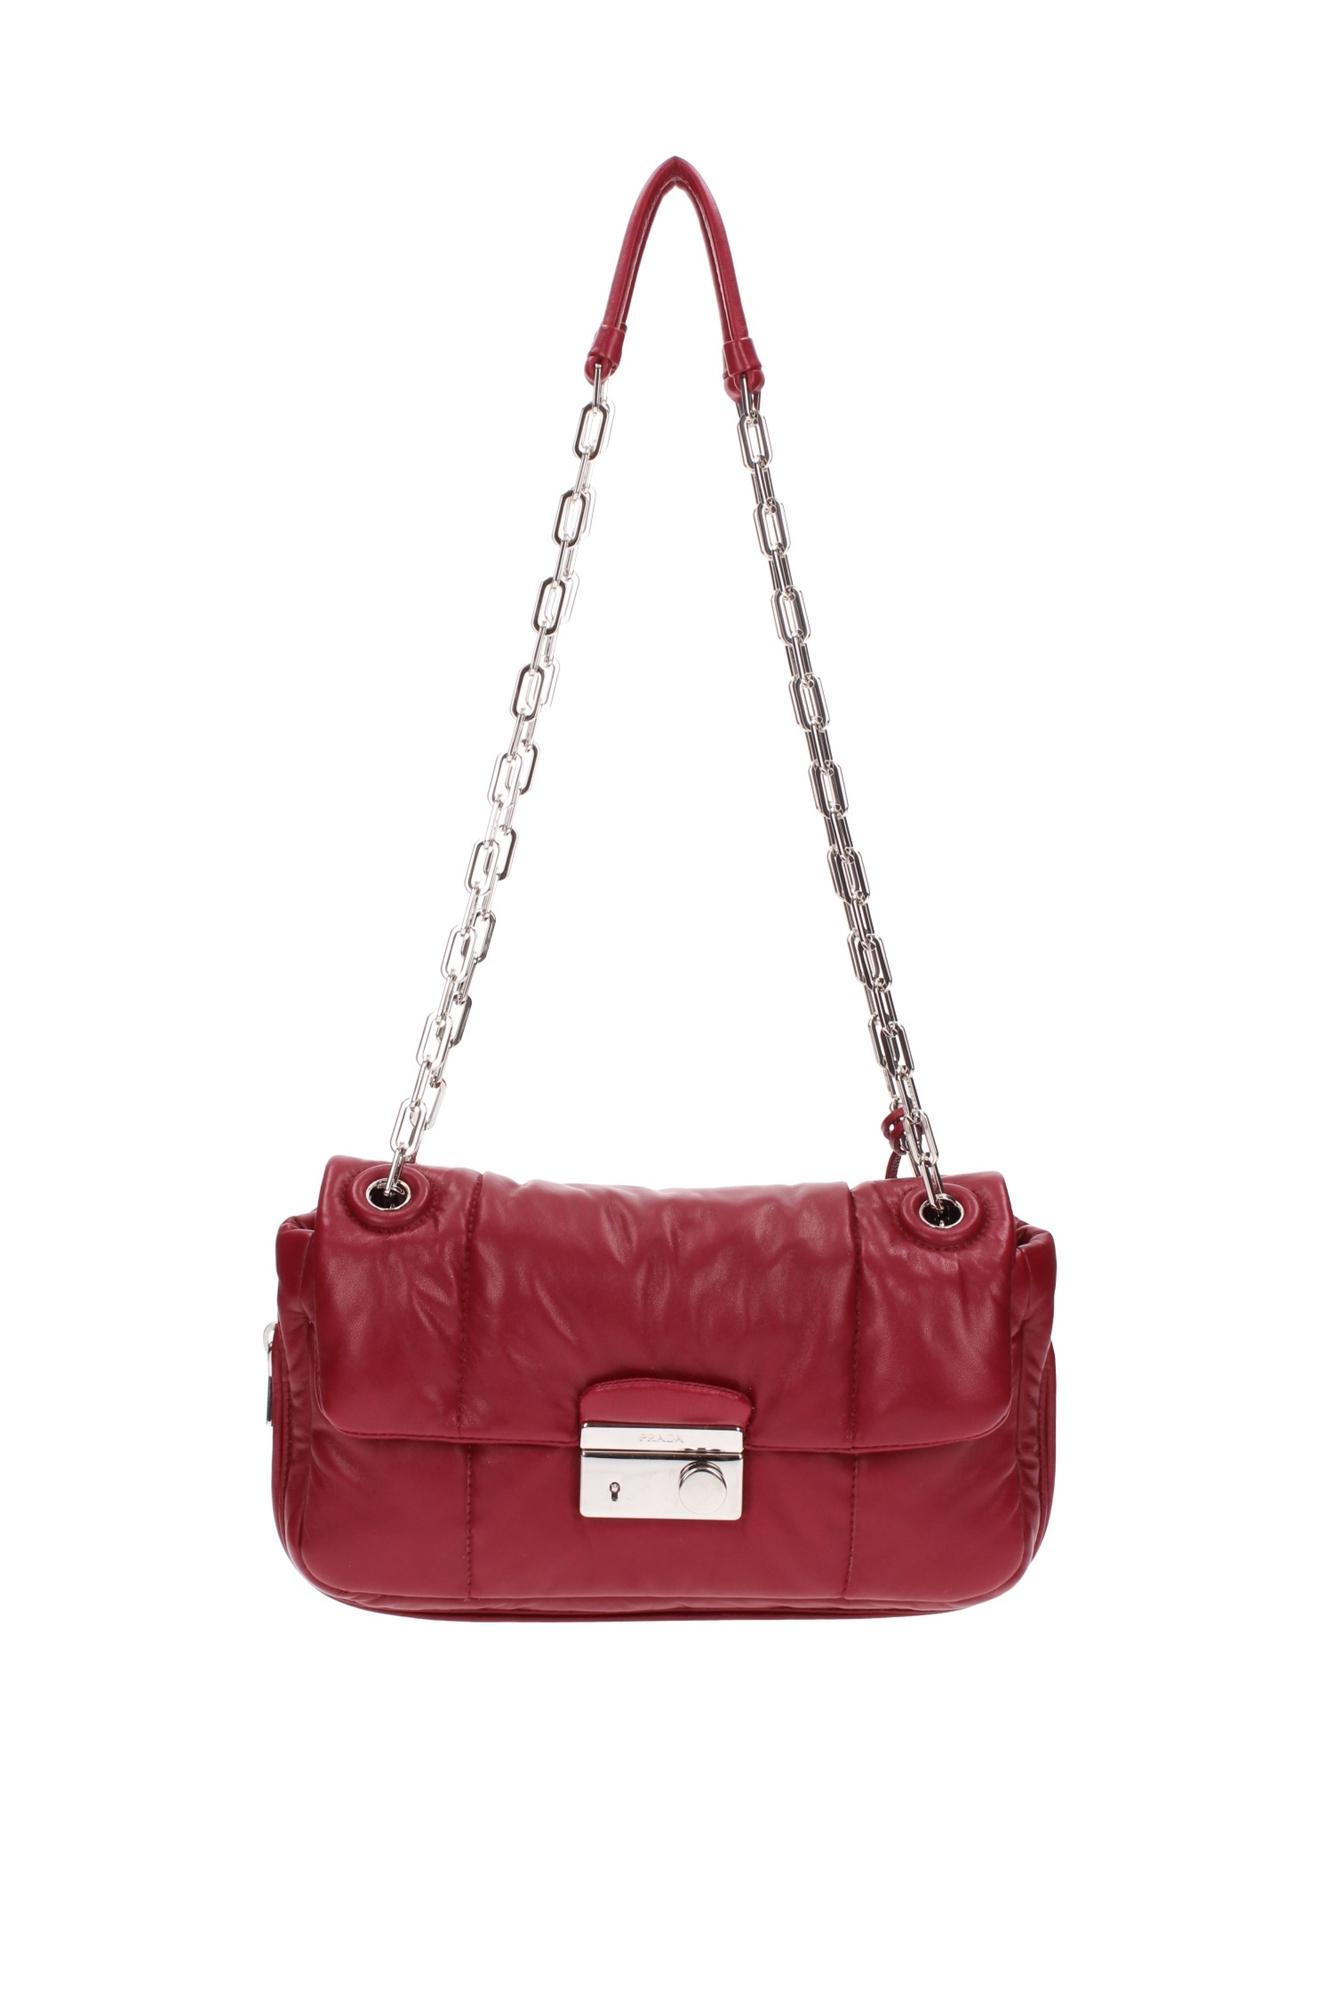 Brilliant Prada Quilted Shoulder Bag Prada Womens Handbag 20161122 111239